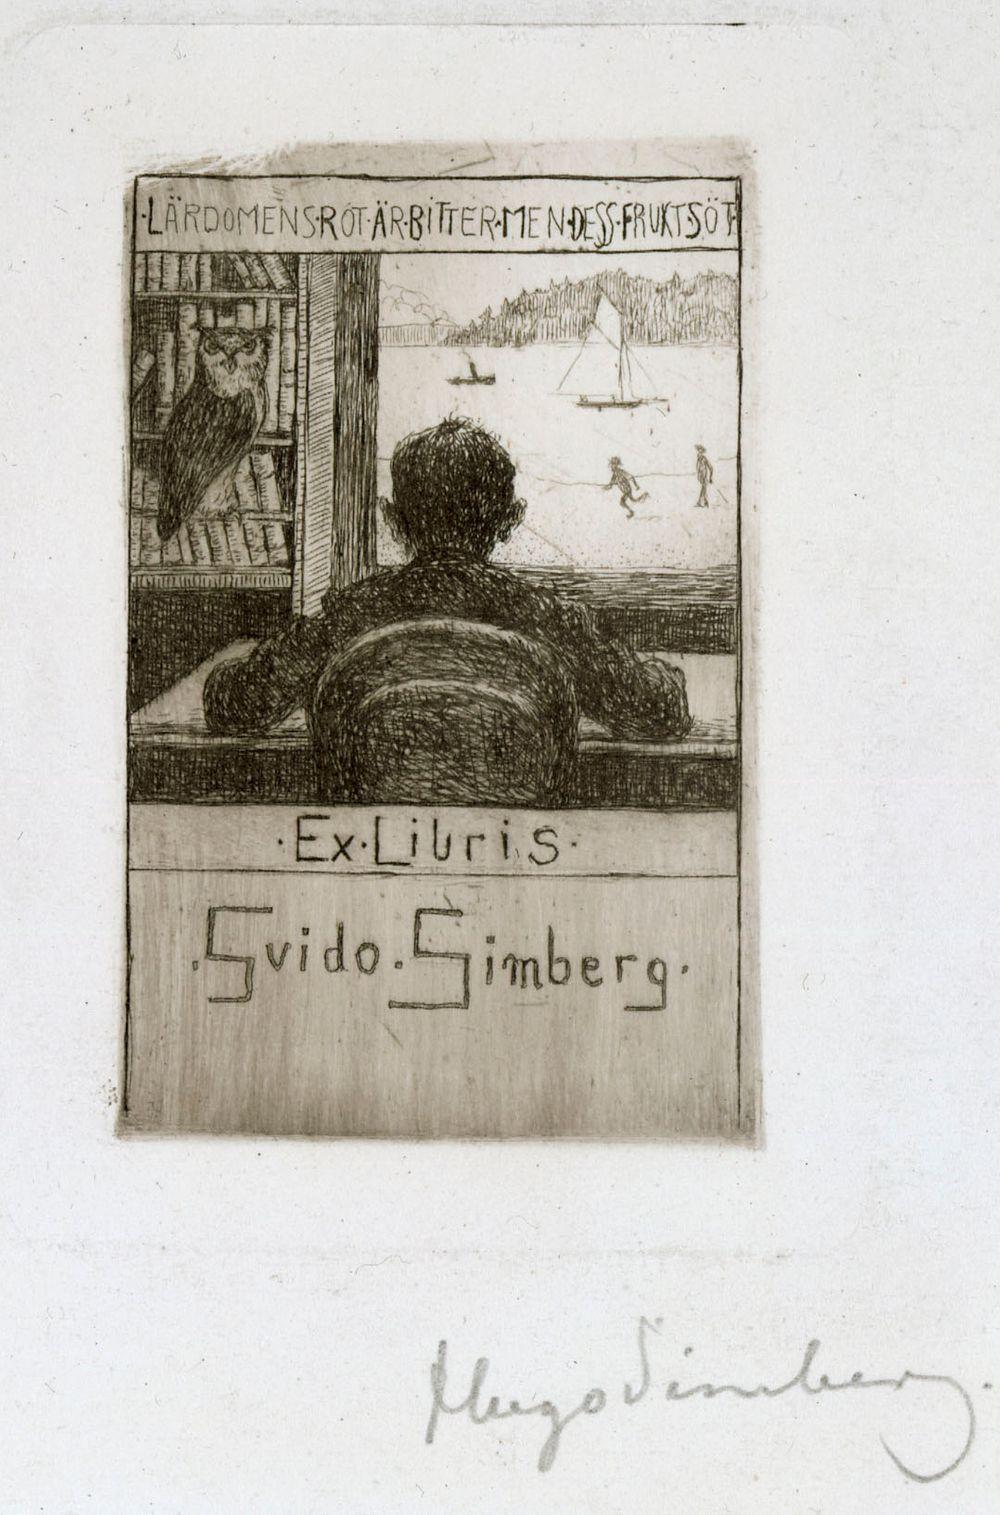 Ex Libris Guido Simberg III